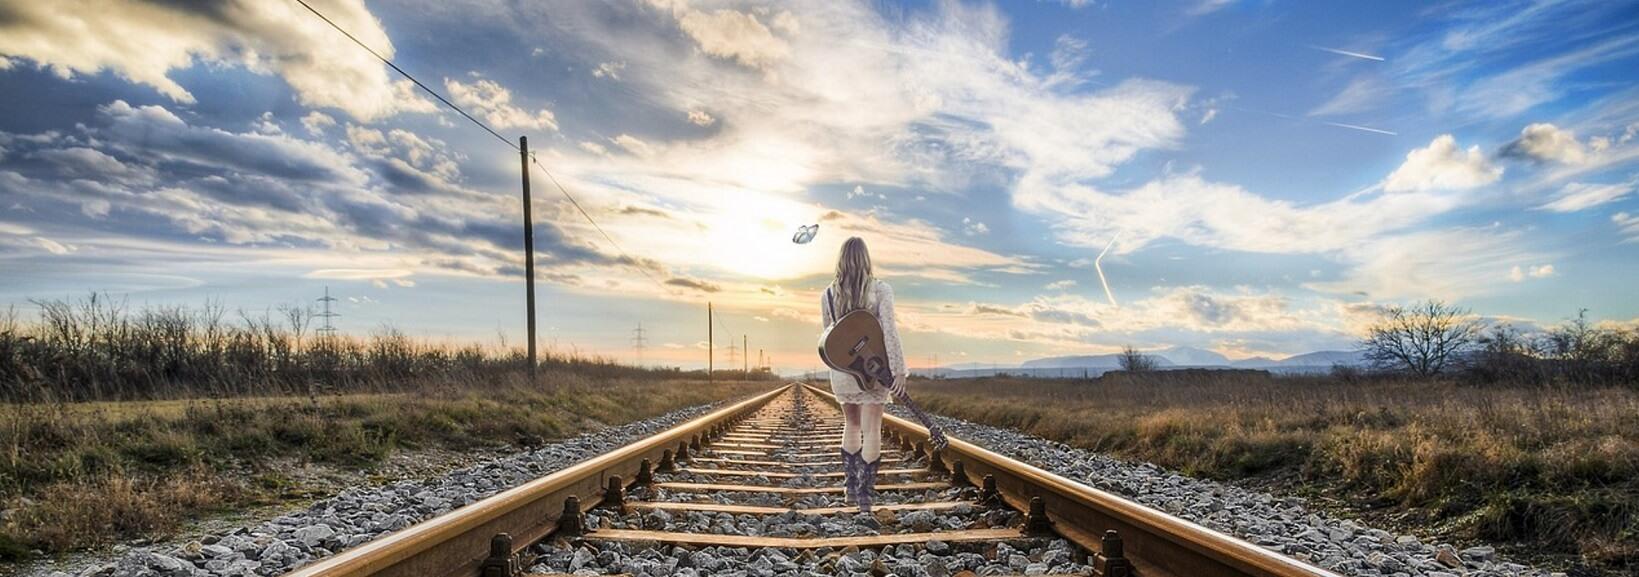 mujer caminando por vias de tren, mujer decidida a realizar psicoterapia por internet, porque es una mujer que necesita ayuda